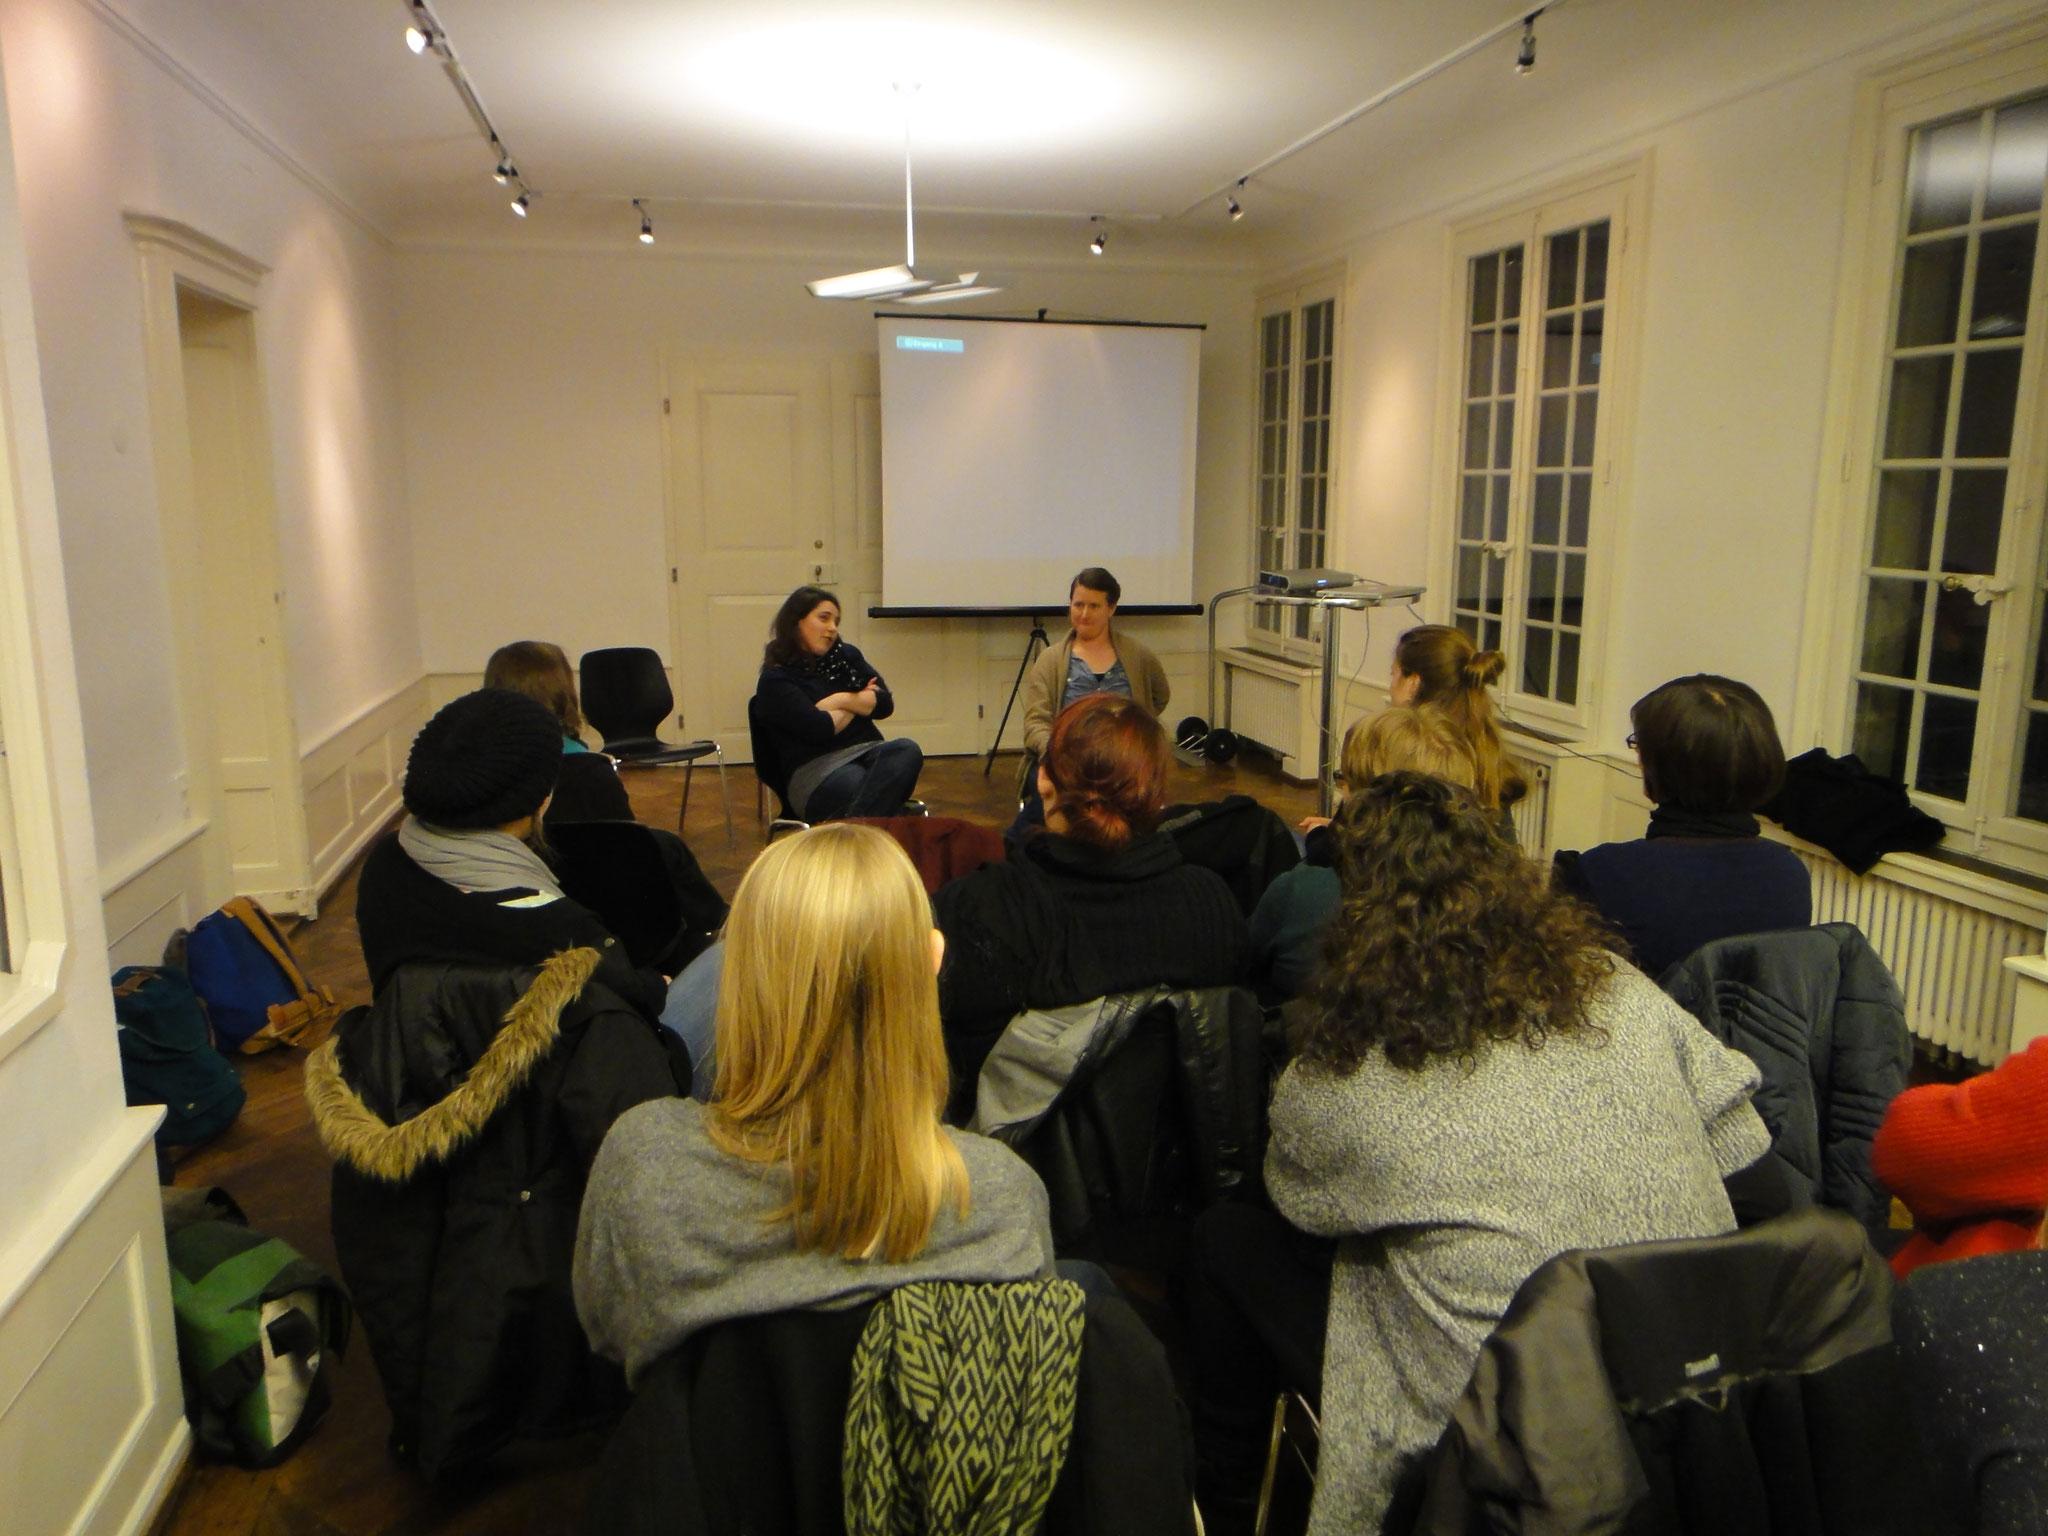 2013: Netzwerktreffen: Die beiden Soziokulturellen Animator*innen Nina Müller & Aline Joye stellen uns ihre Firma Projeteria in Biel vor